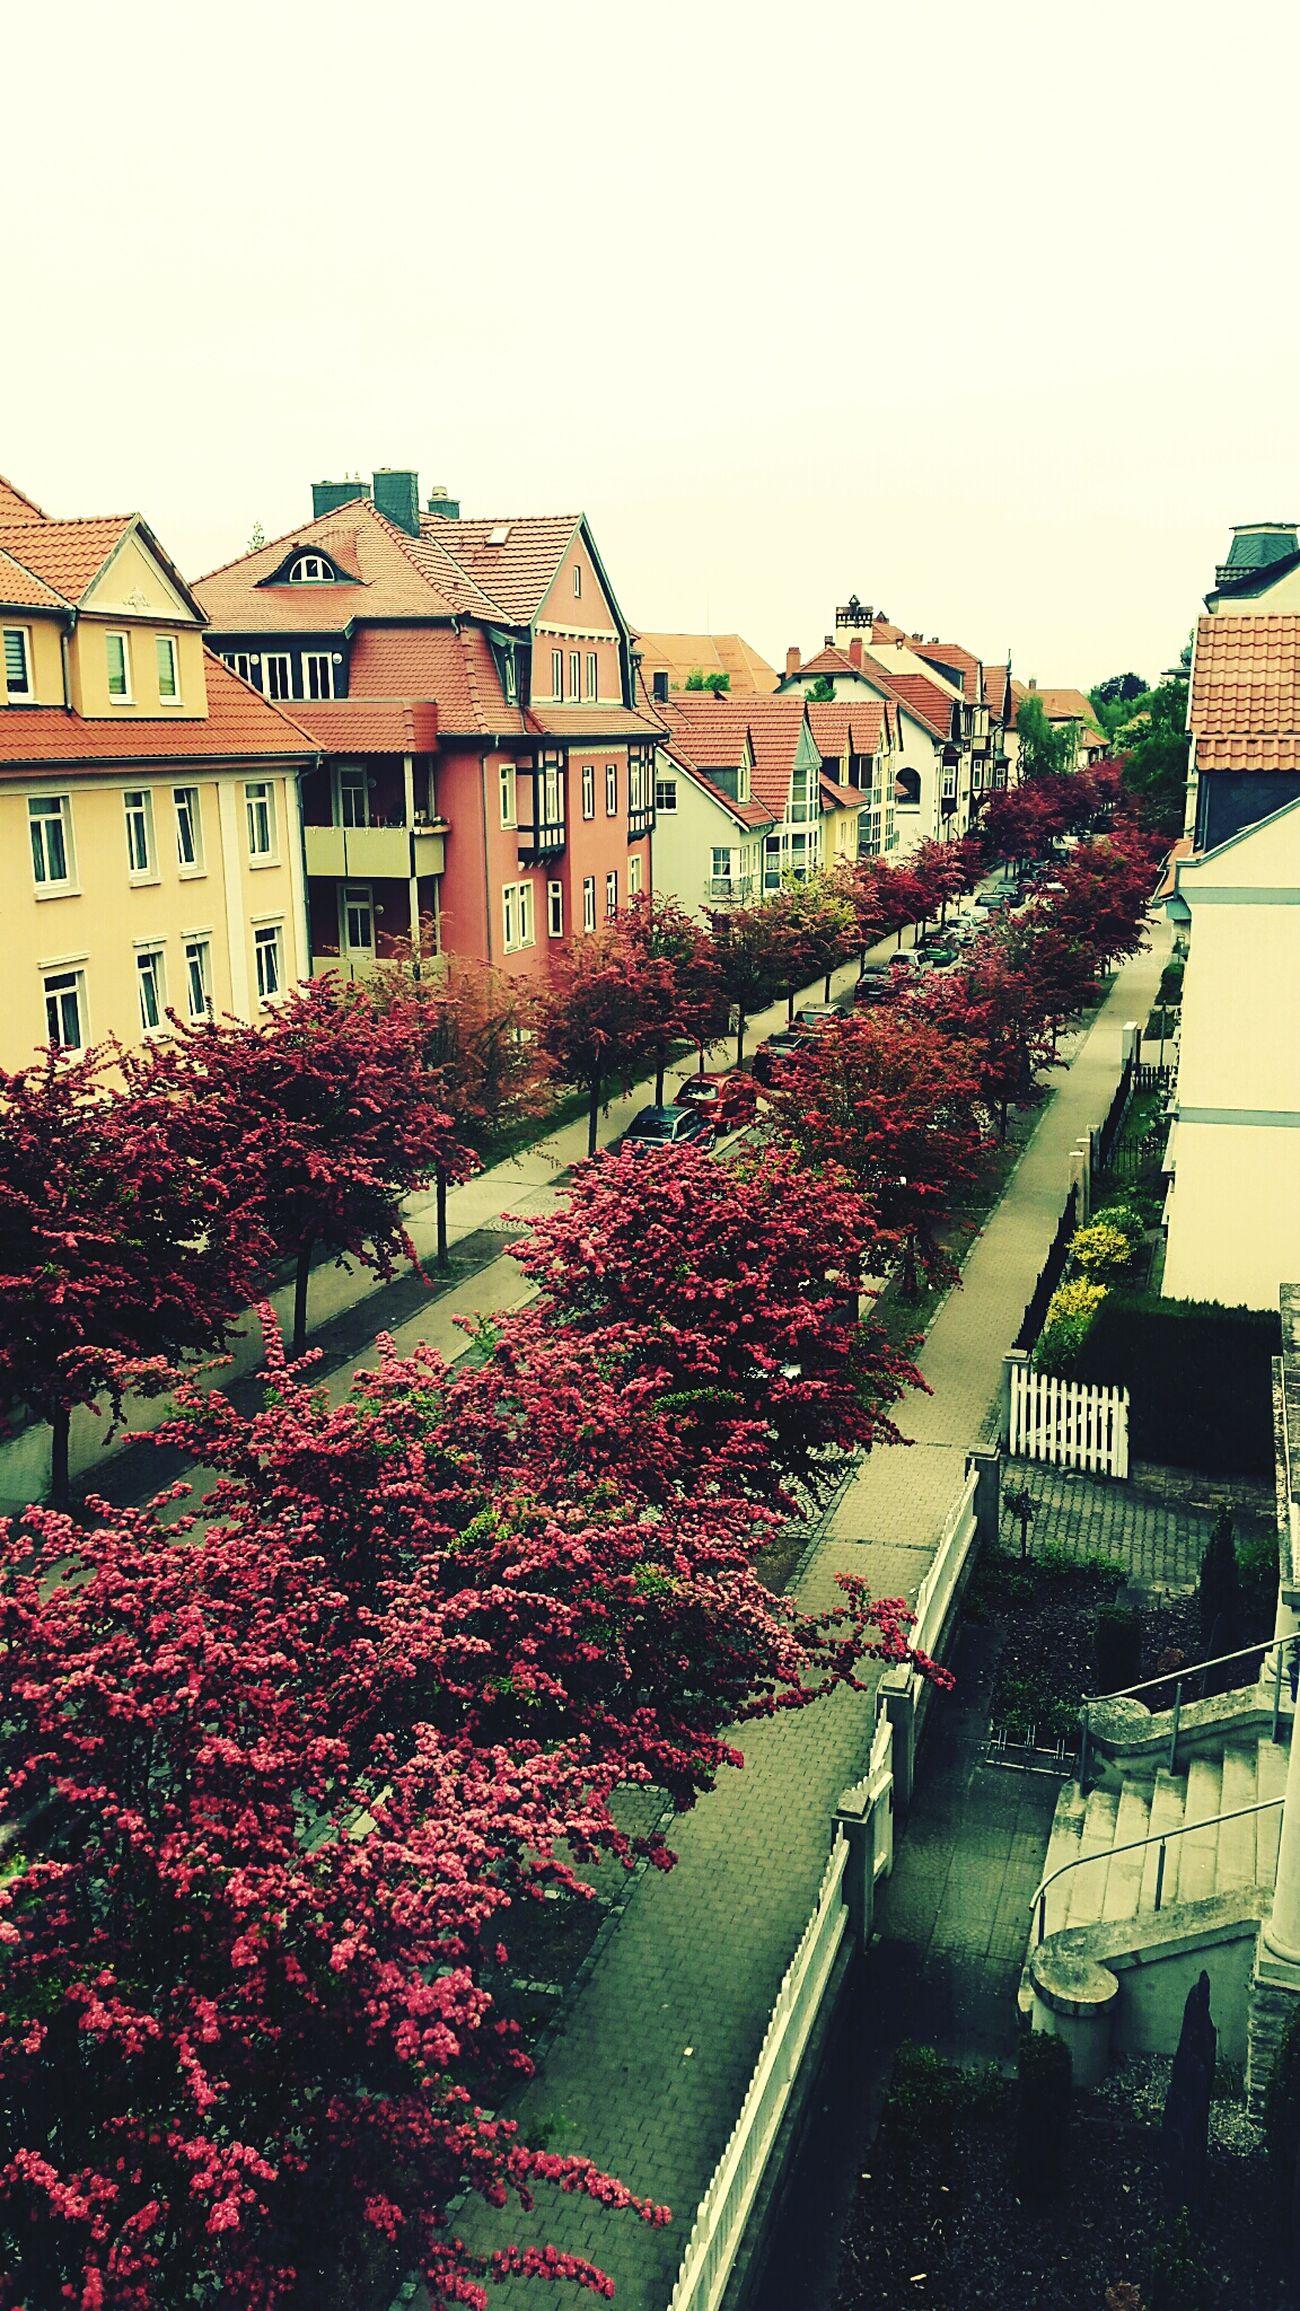 Blick von unserer Wohnung auf die Straße... Streetphotography Street Portrait Street View From The Window...Streetviewphotography View From My Window Streetview TreePorn Tree_collection  Trees TreesInTheCity